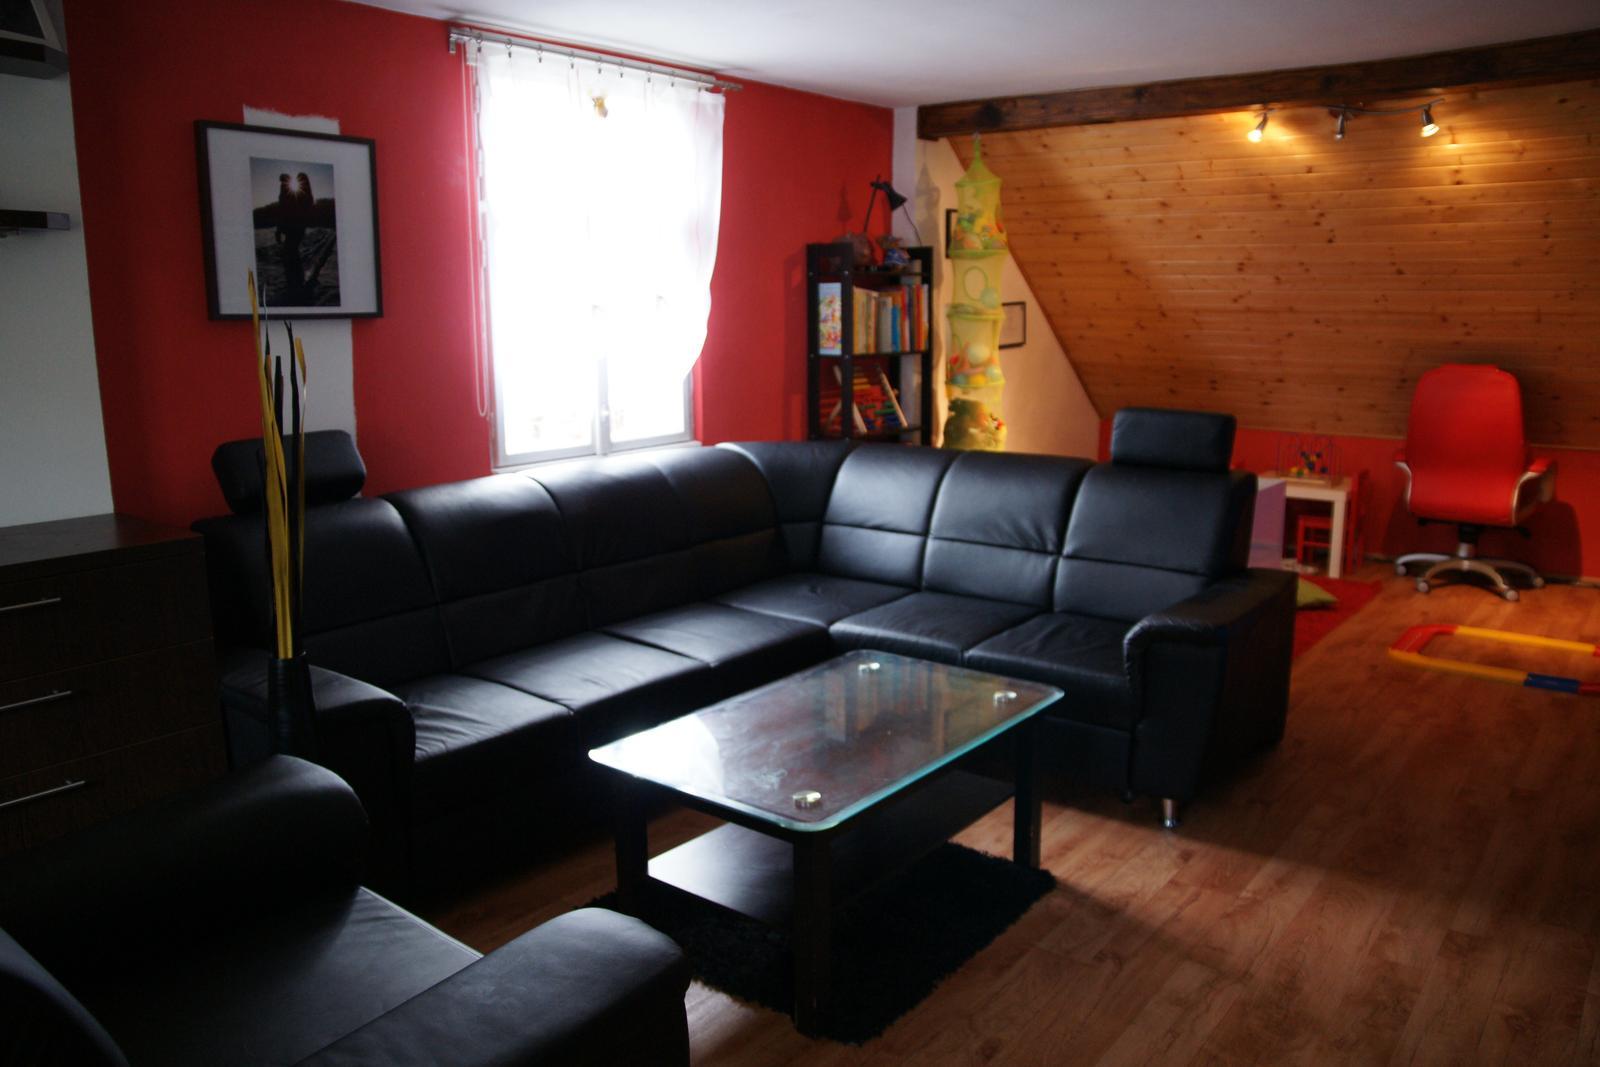 Náš  byteček - Momentální pohled na celý prostor, ale za sedačkou bude zeď aby oddělila obývací čast a dětský koutek a budem malovat takože se přece jen něco trochu ještě změní